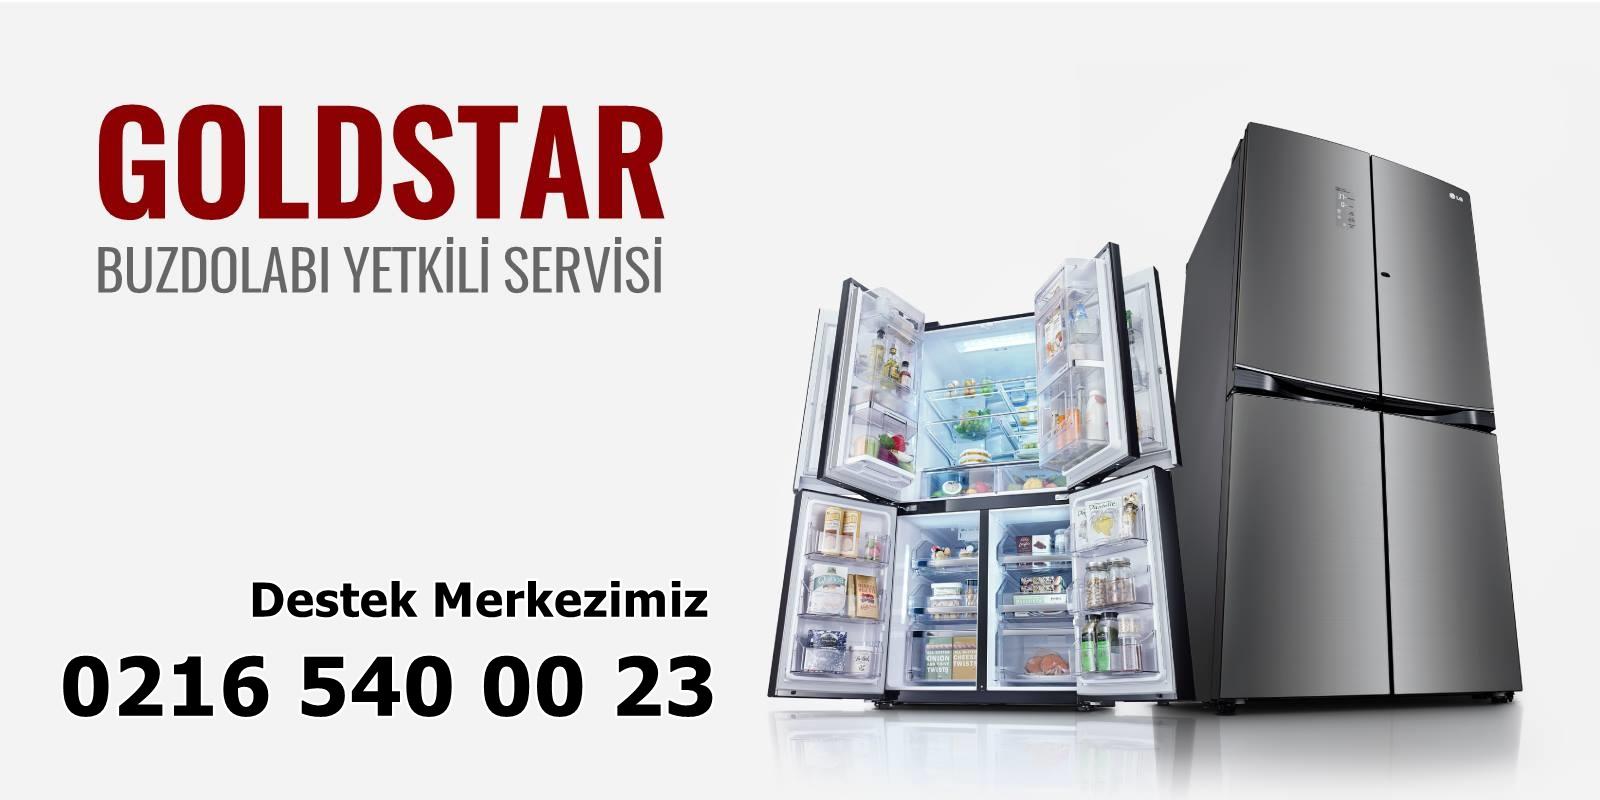 Goldstar Sancaktepe Servisi